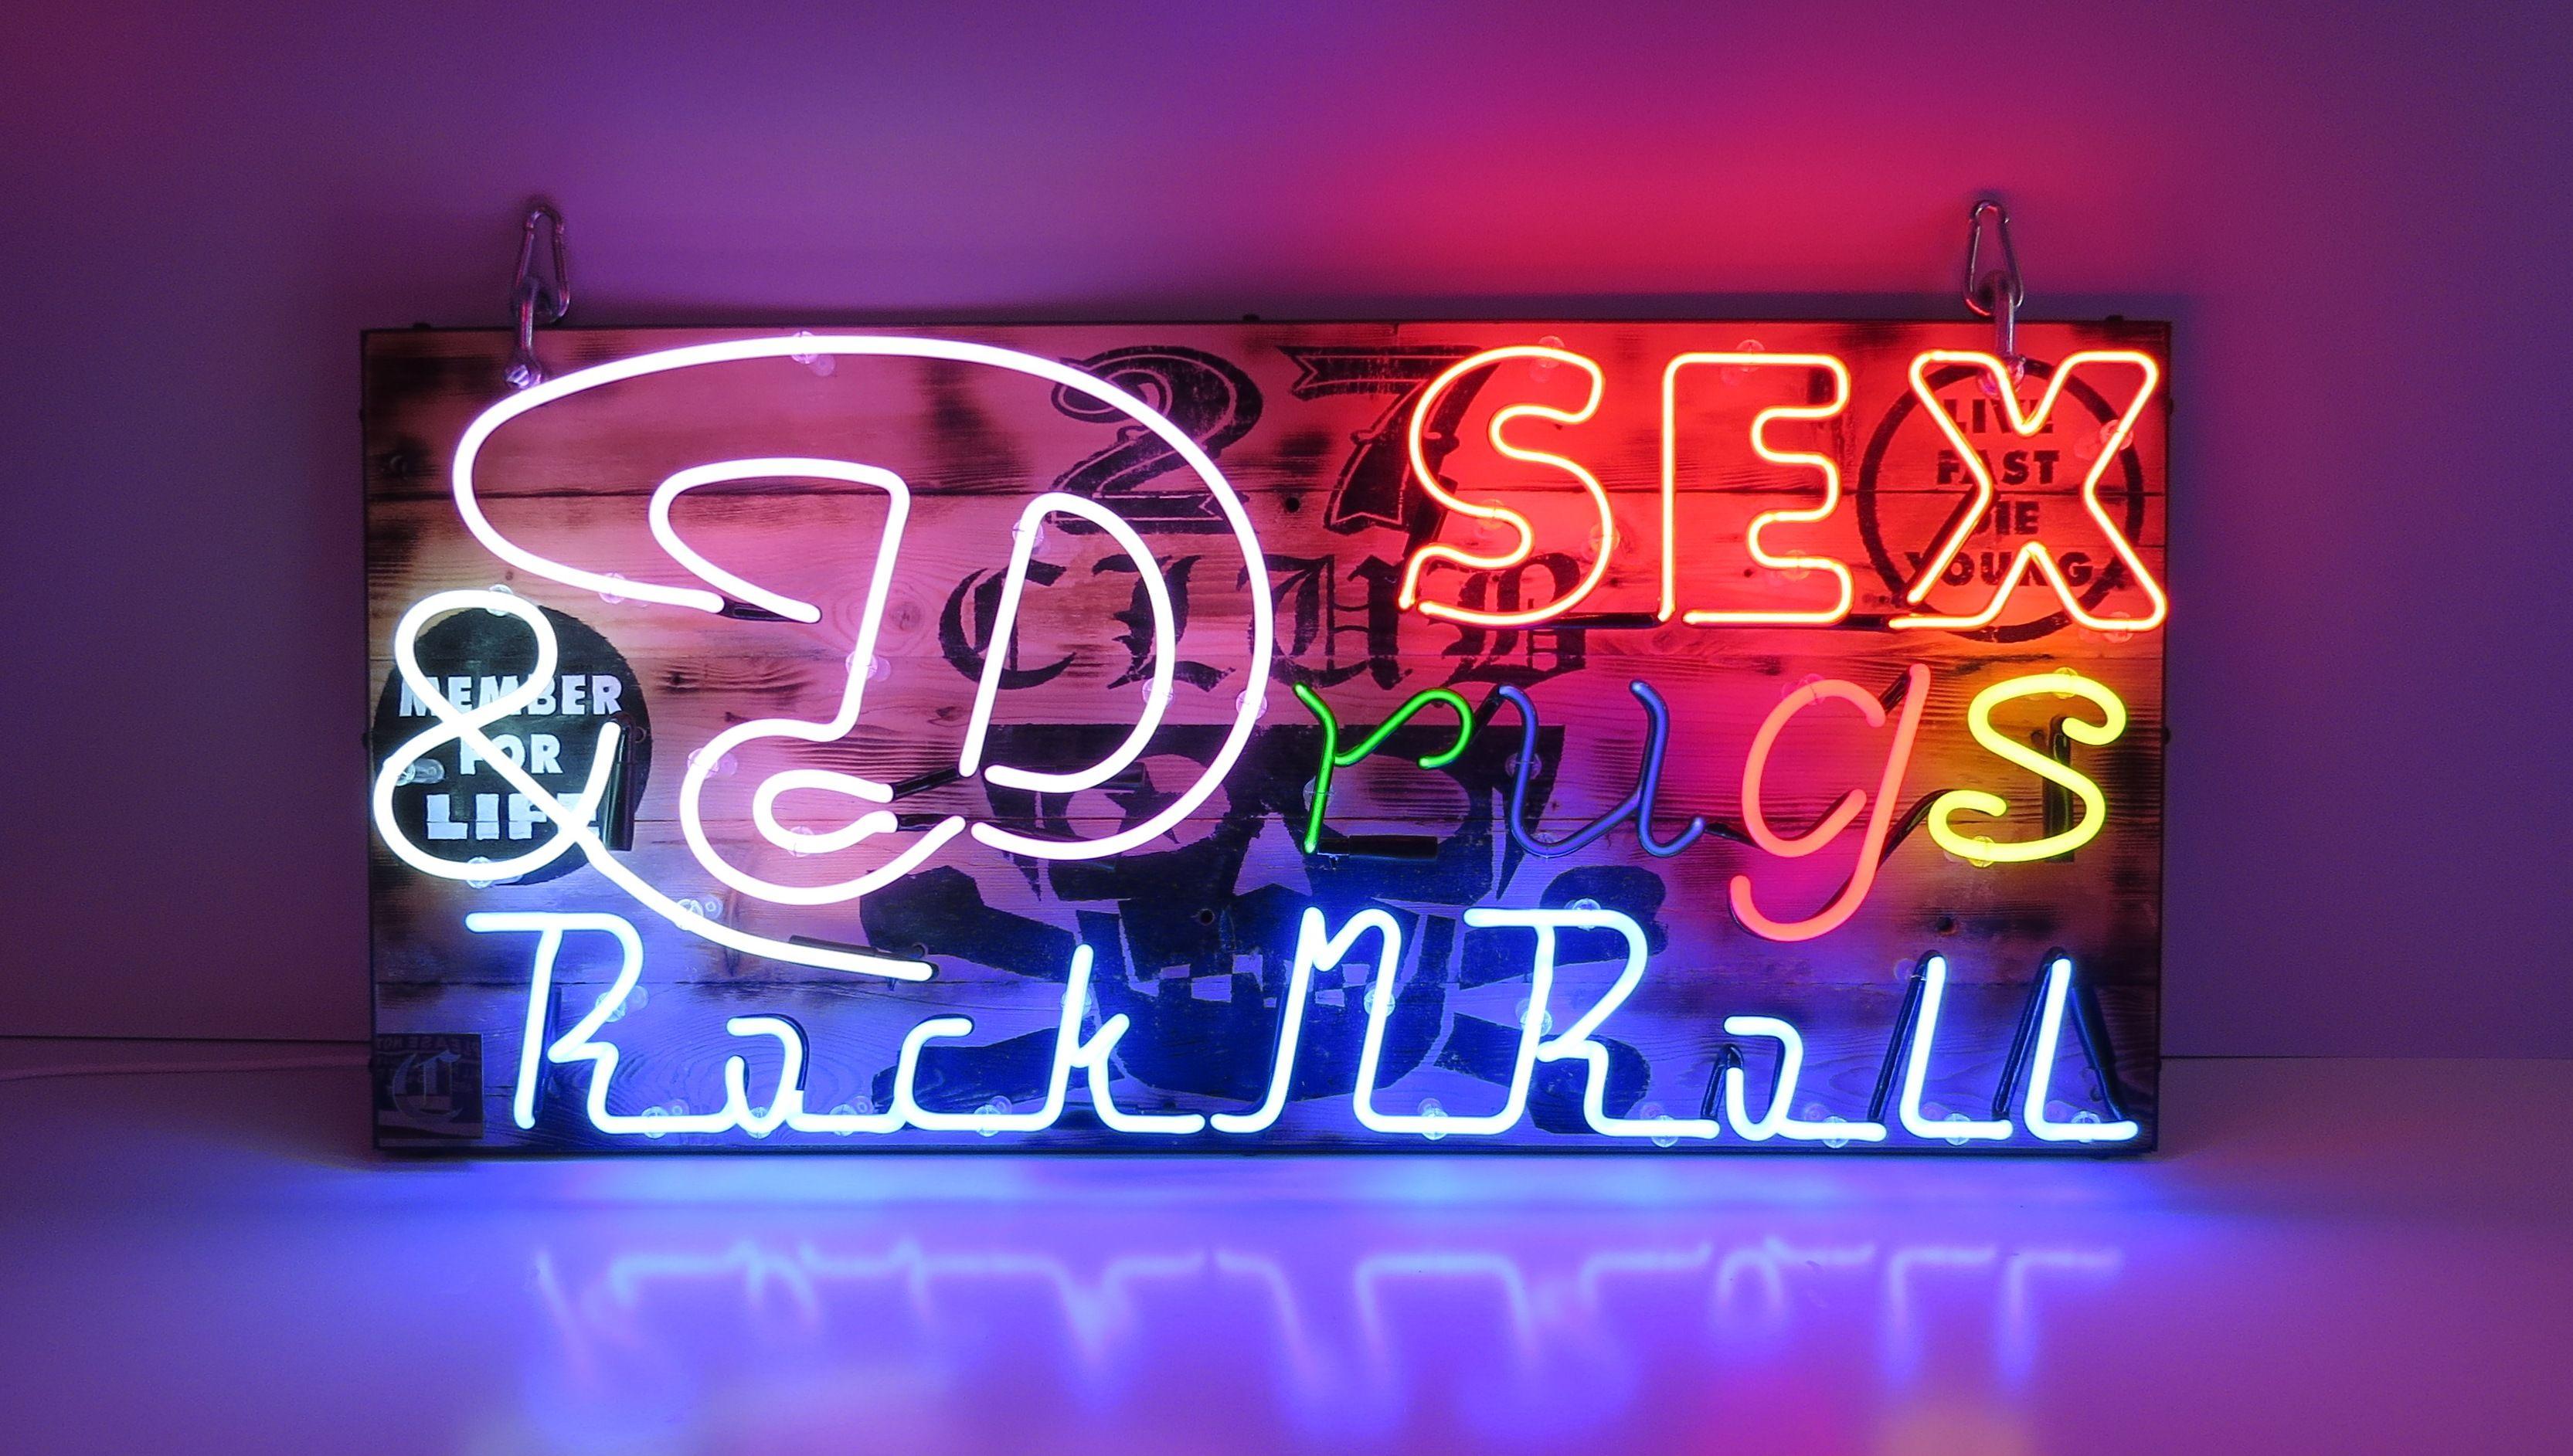 Porn neon signs